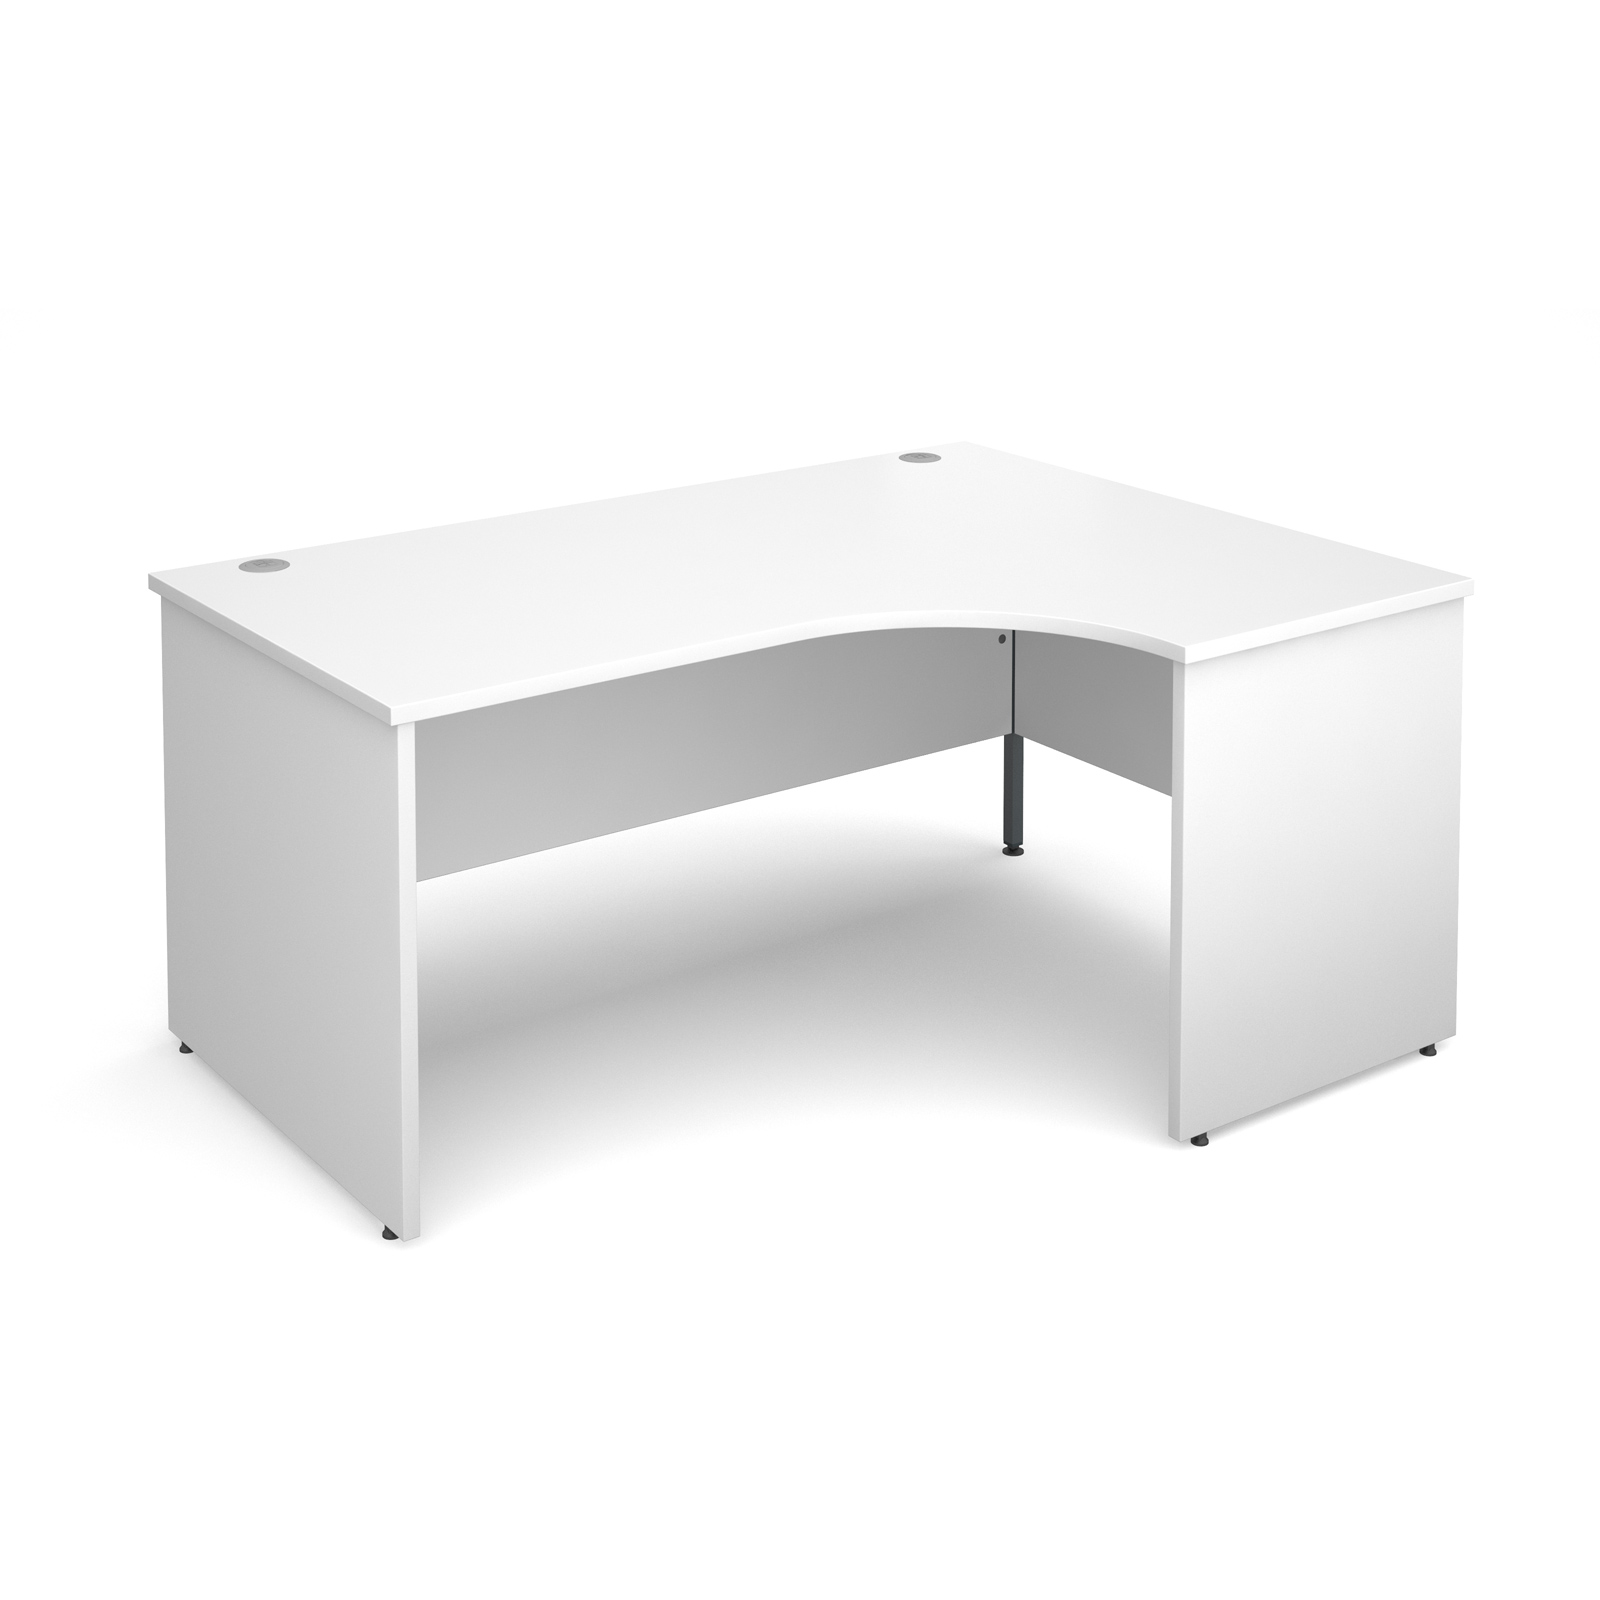 Maestro 25 Pl Right Hand Ergonomic Desk 1600mm - White Panel Leg Design